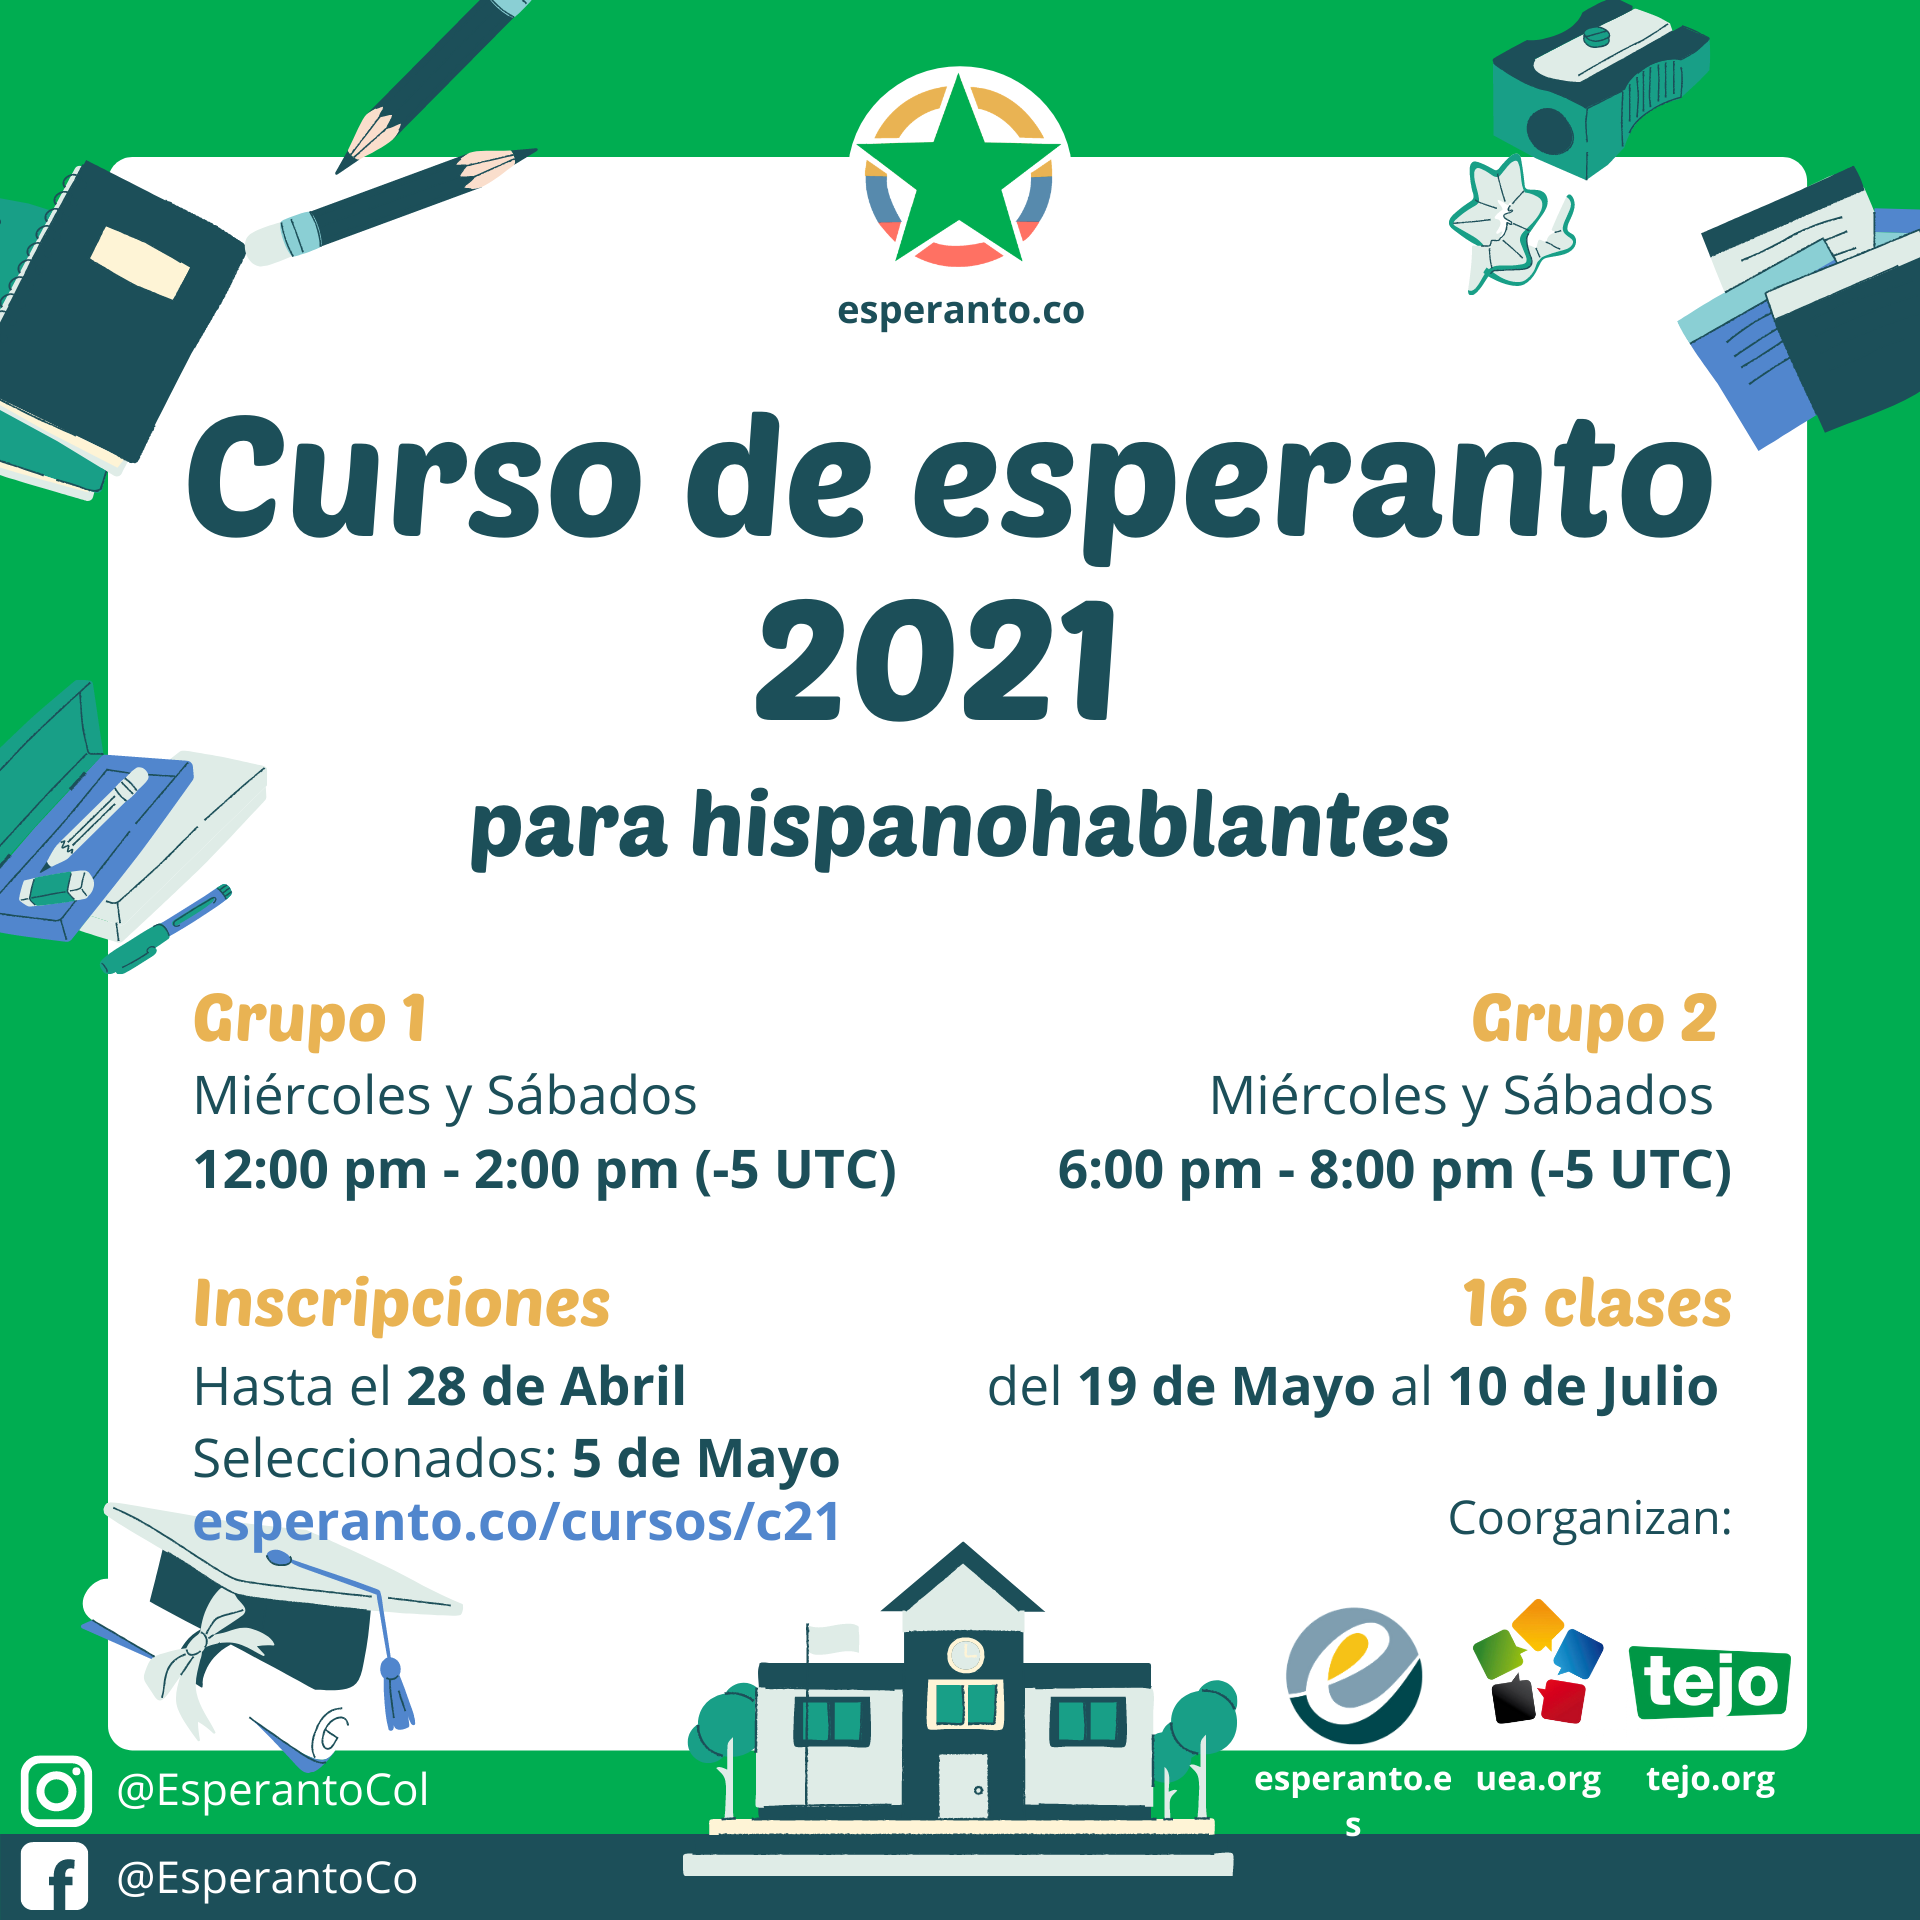 Curso de Esperanto para Hispanohablantes 2021 1